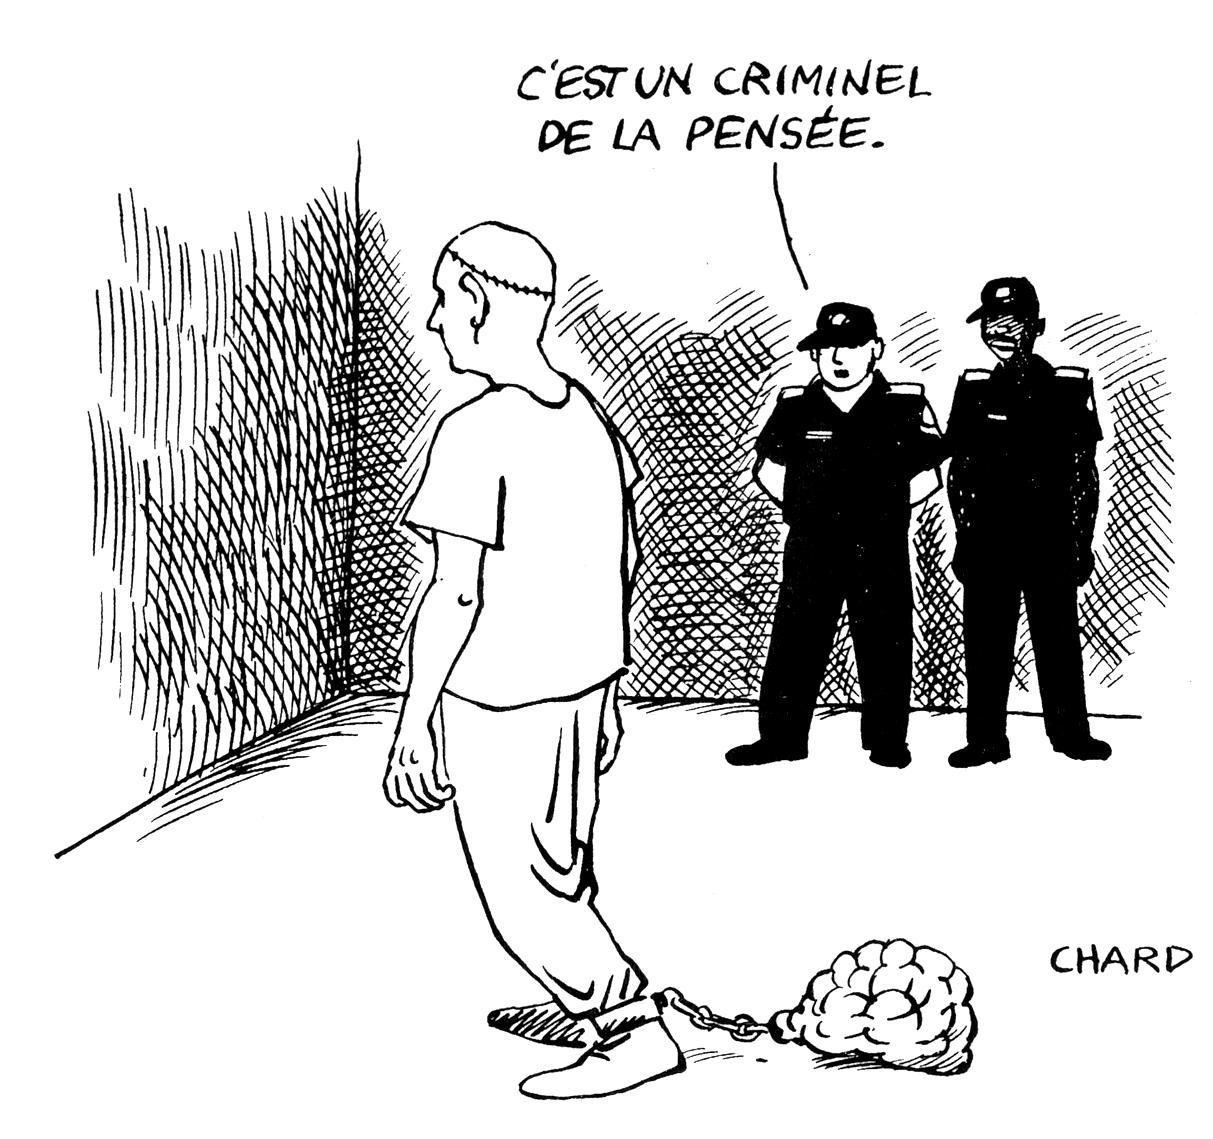 042  chard revisionnisme  criminel de la pense hp policier cerveau